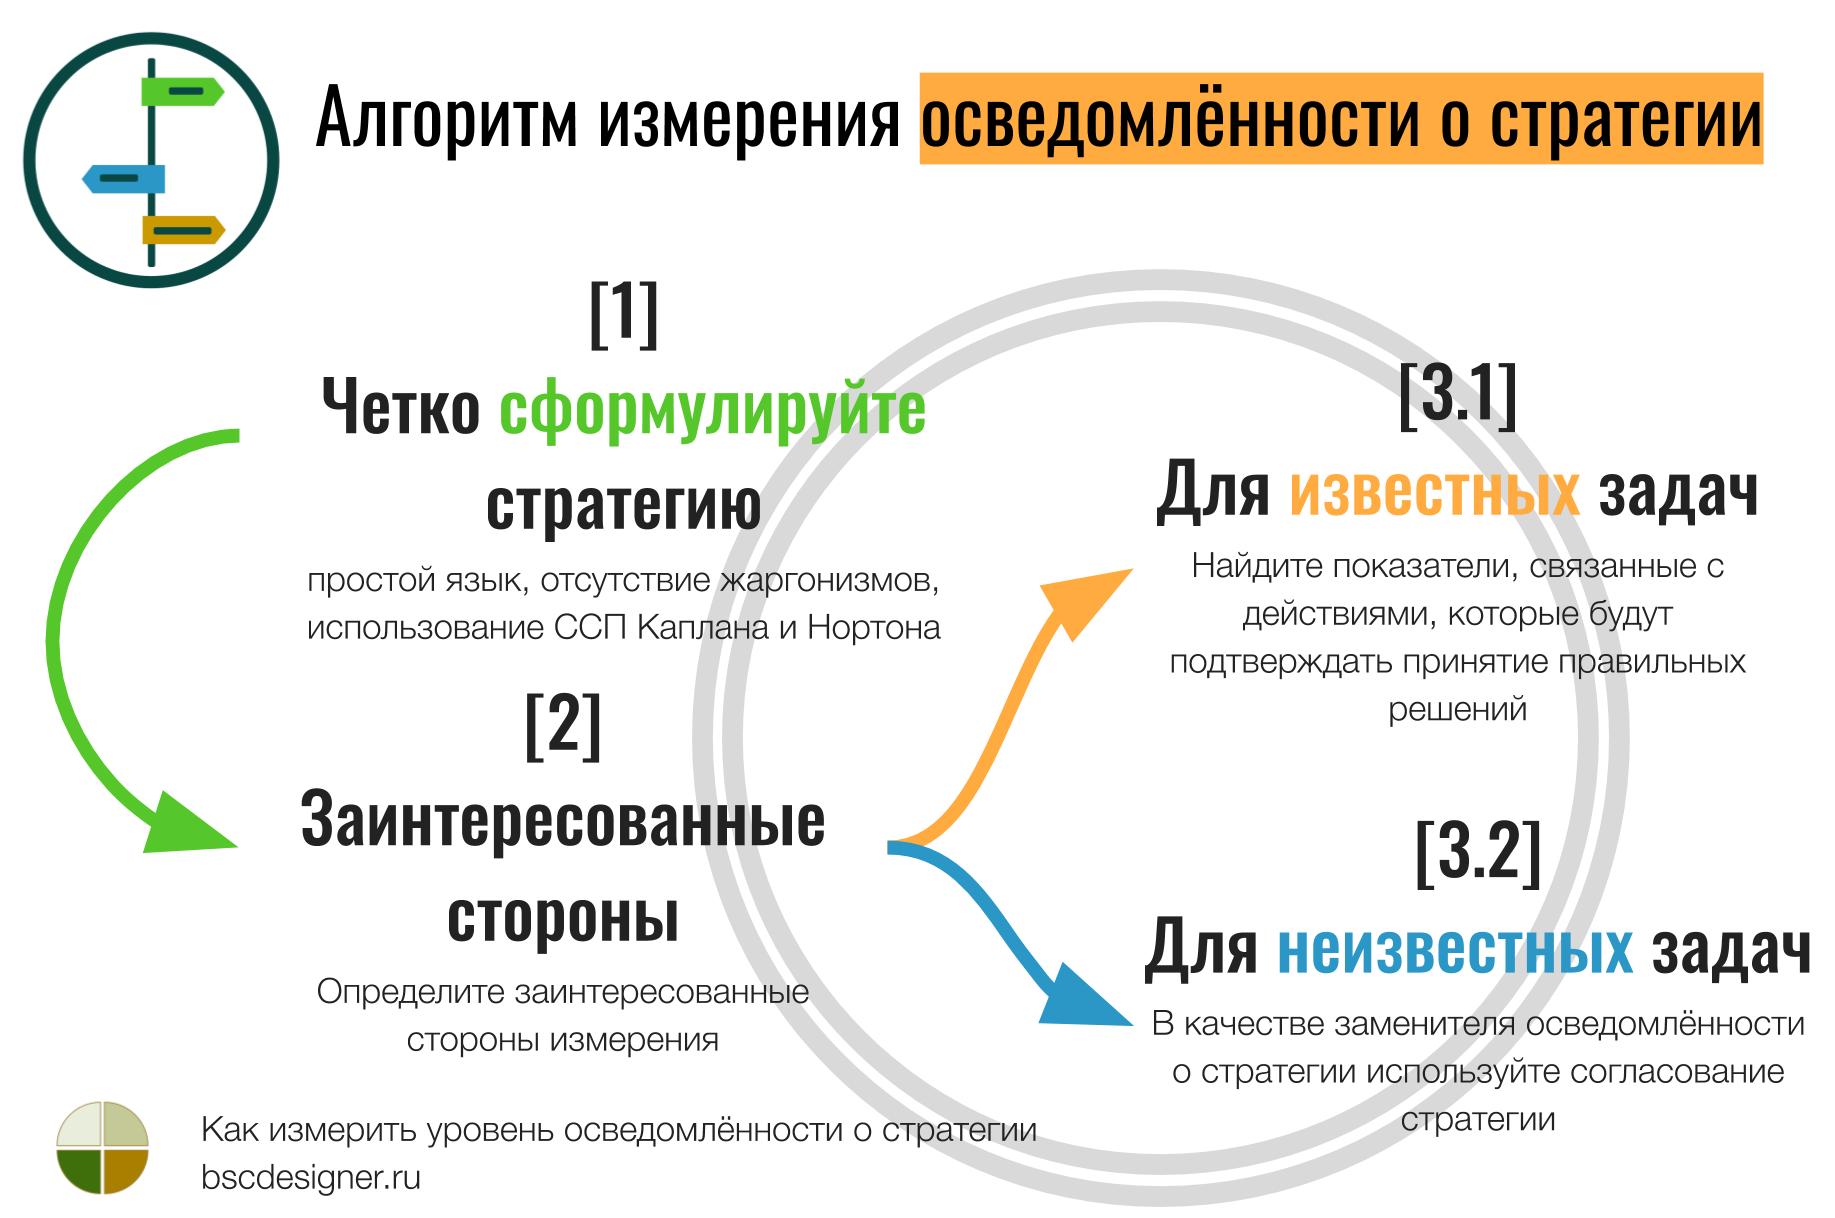 Алгоритм измерения осведомлённости о стратегии